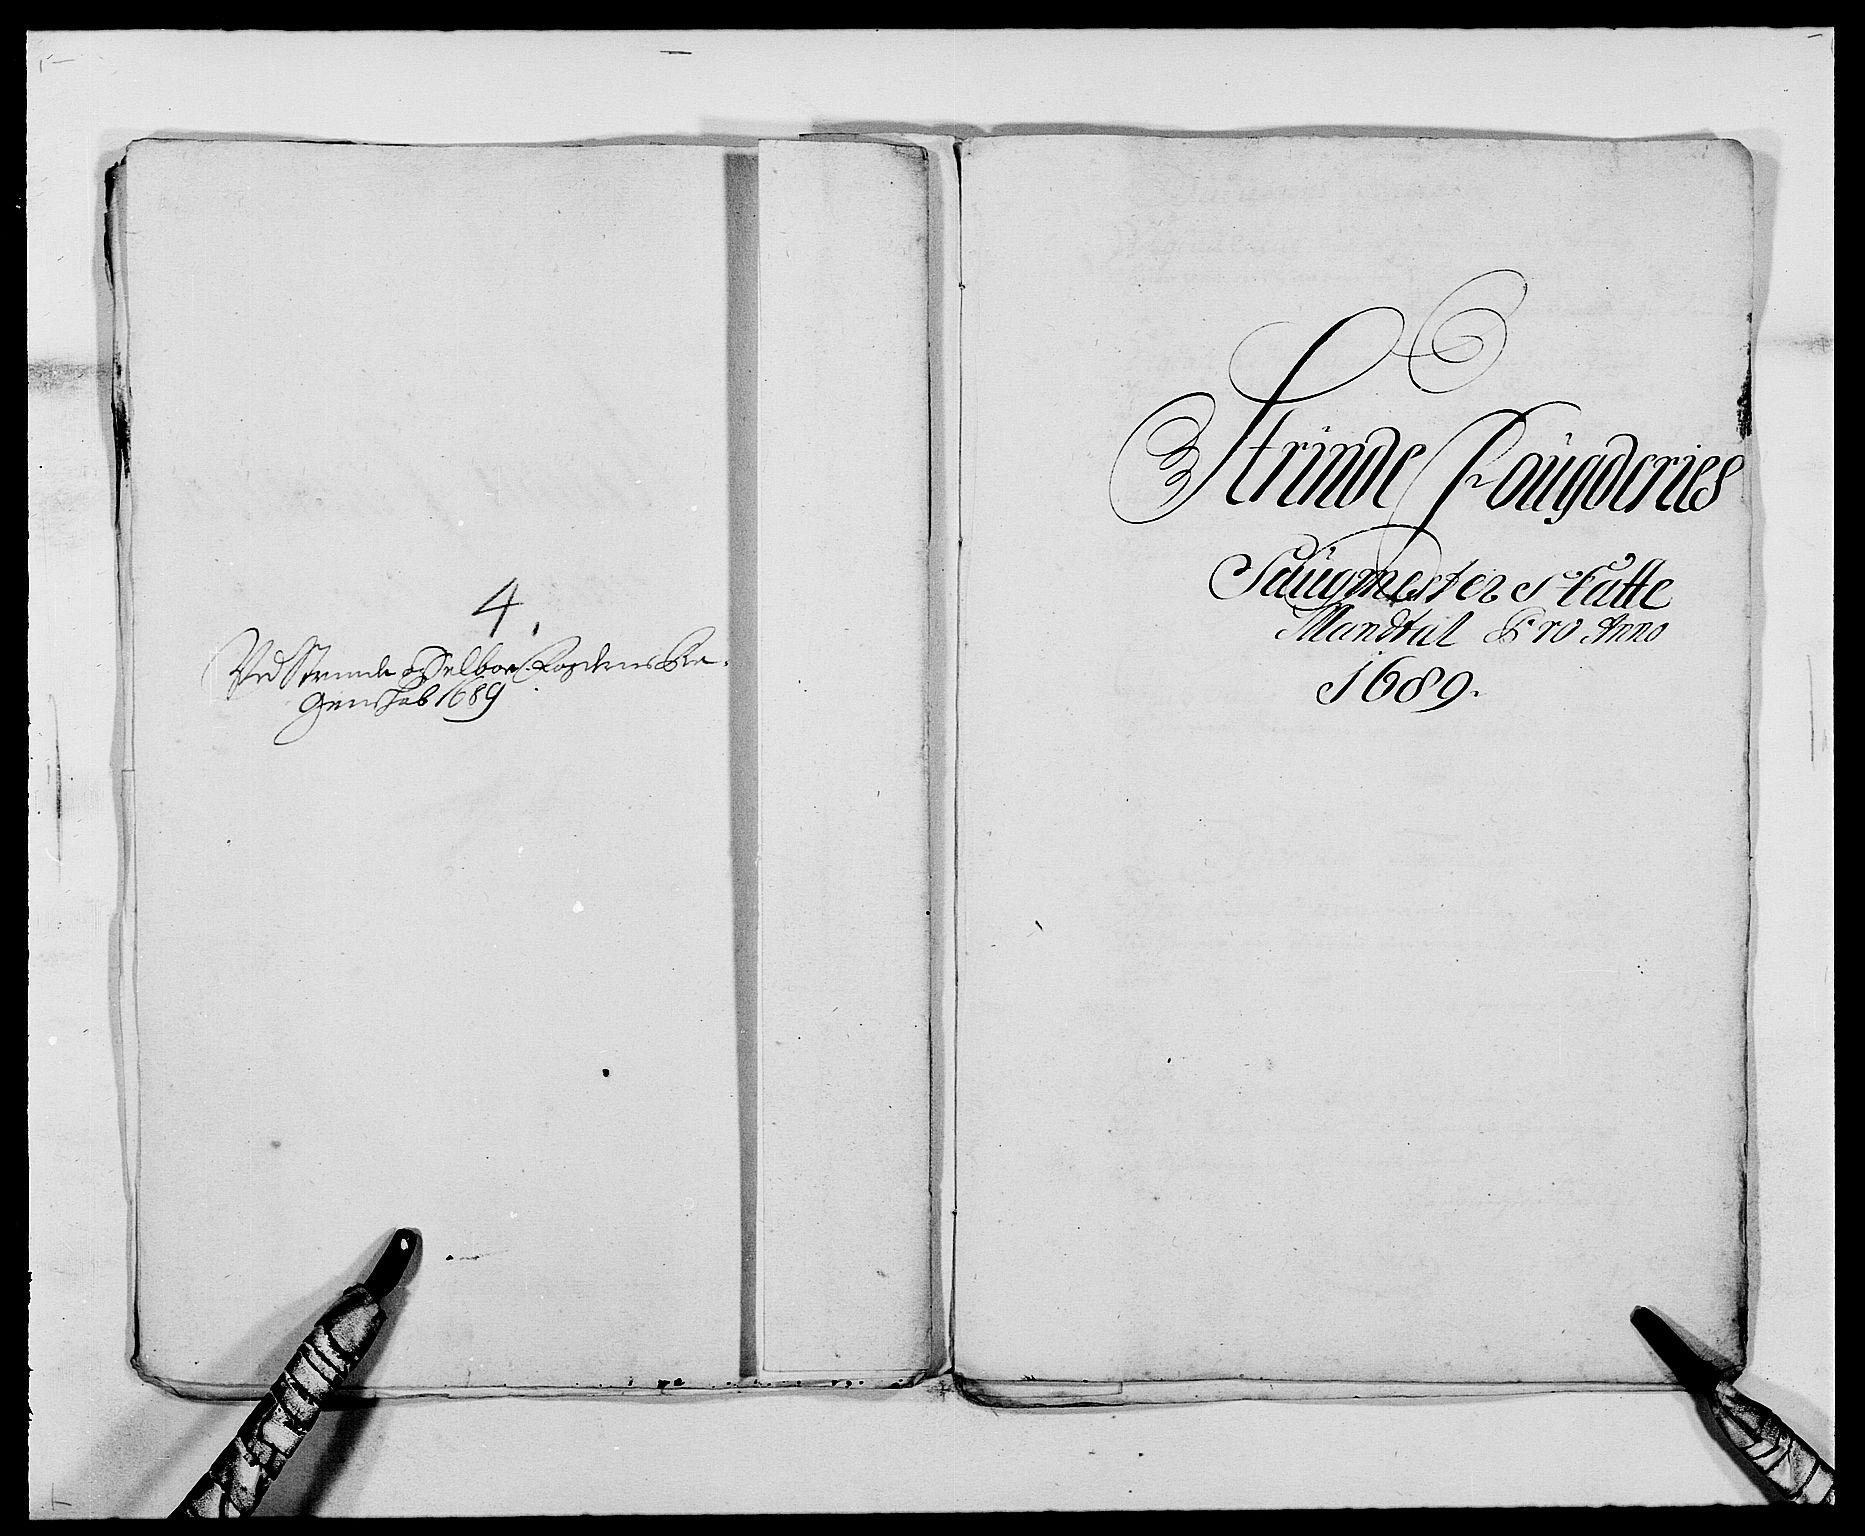 RA, Rentekammeret inntil 1814, Reviderte regnskaper, Fogderegnskap, R61/L4102: Fogderegnskap Strinda og Selbu, 1689-1690, s. 36